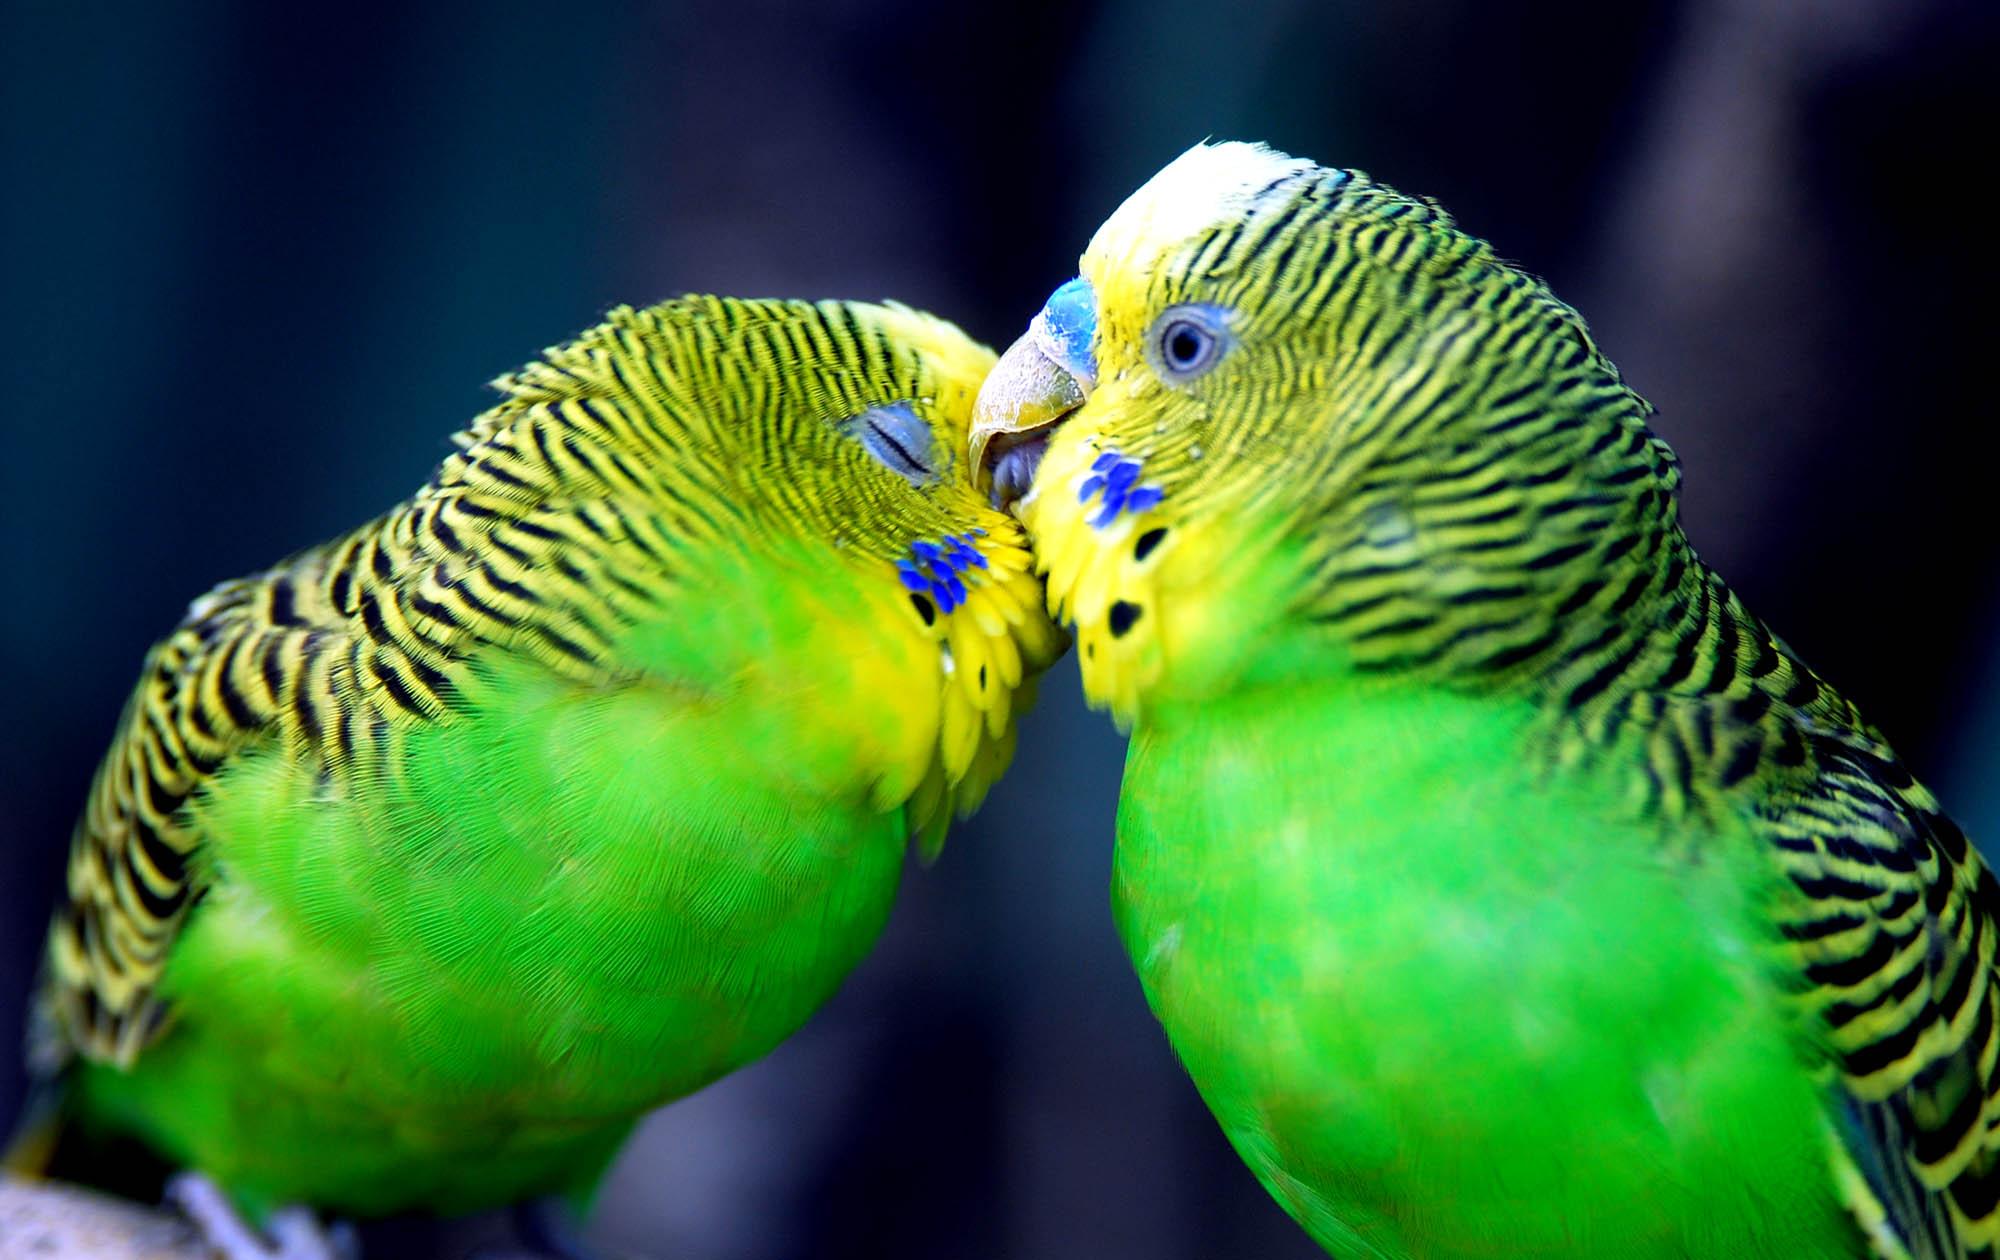 парочка волнистых попугайчиков целуется, скачать фото, обои для рабочего стола